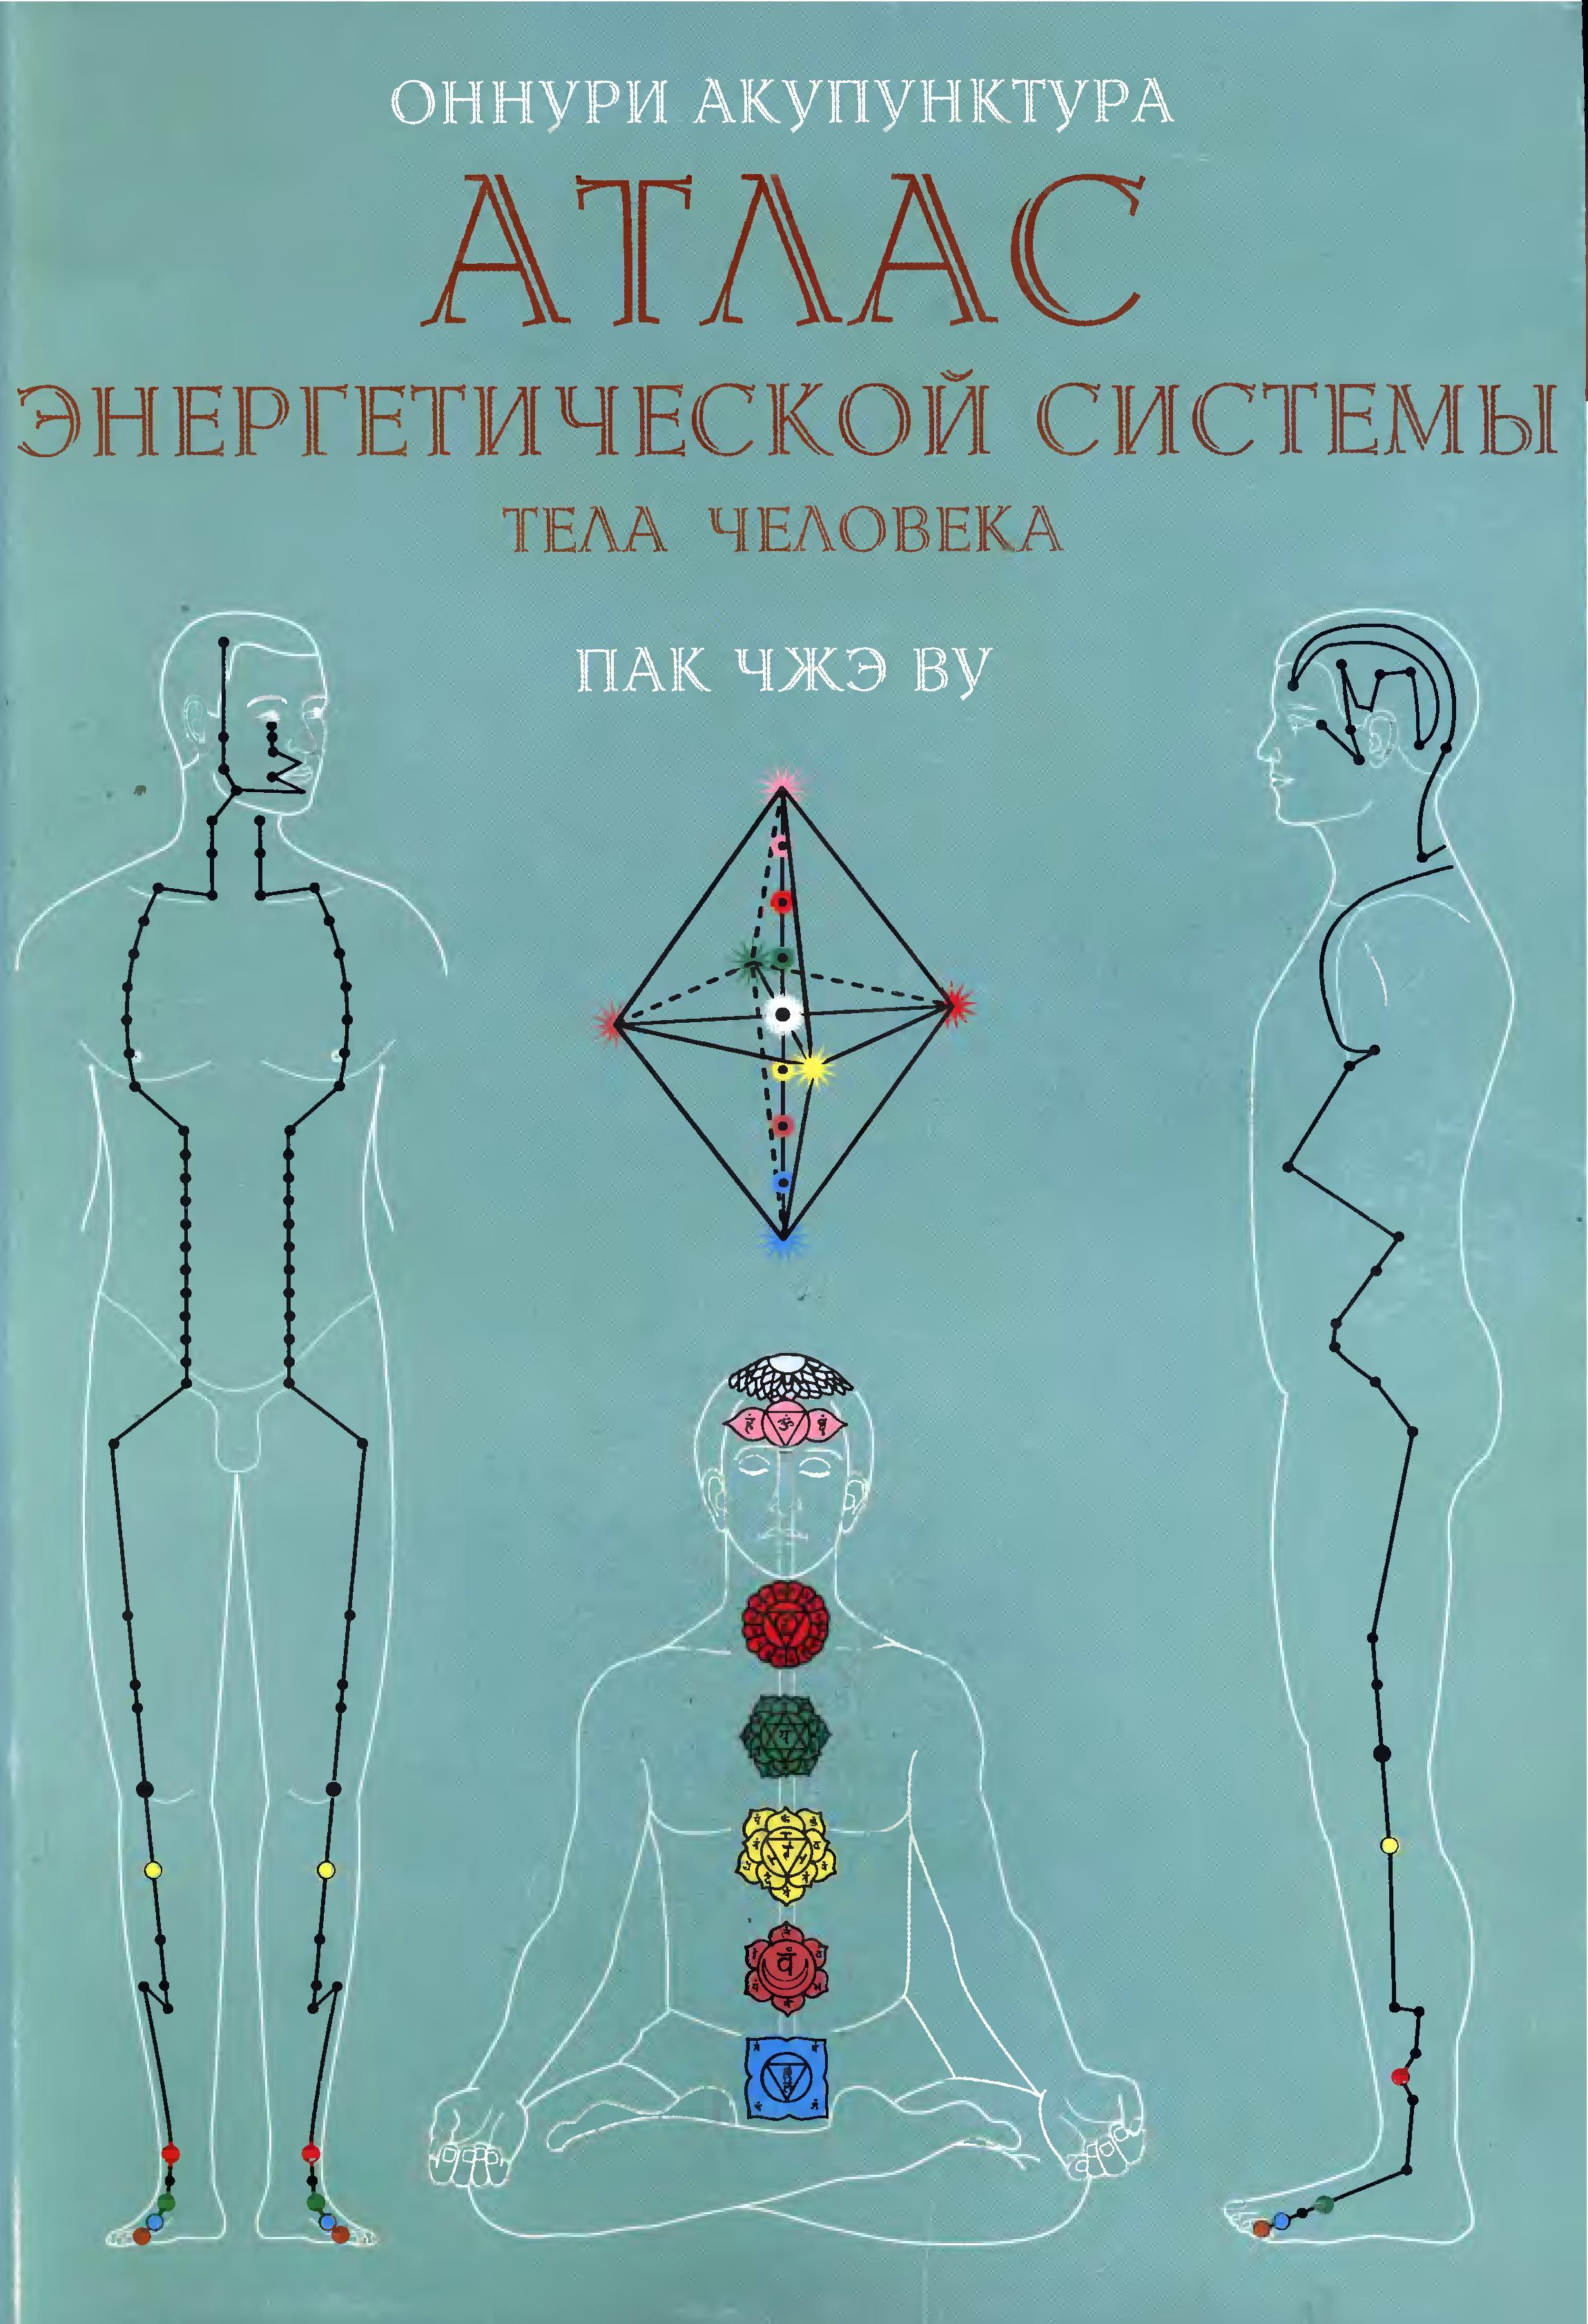 Атлас энергетической системы тела человека. Пак Чже Ву